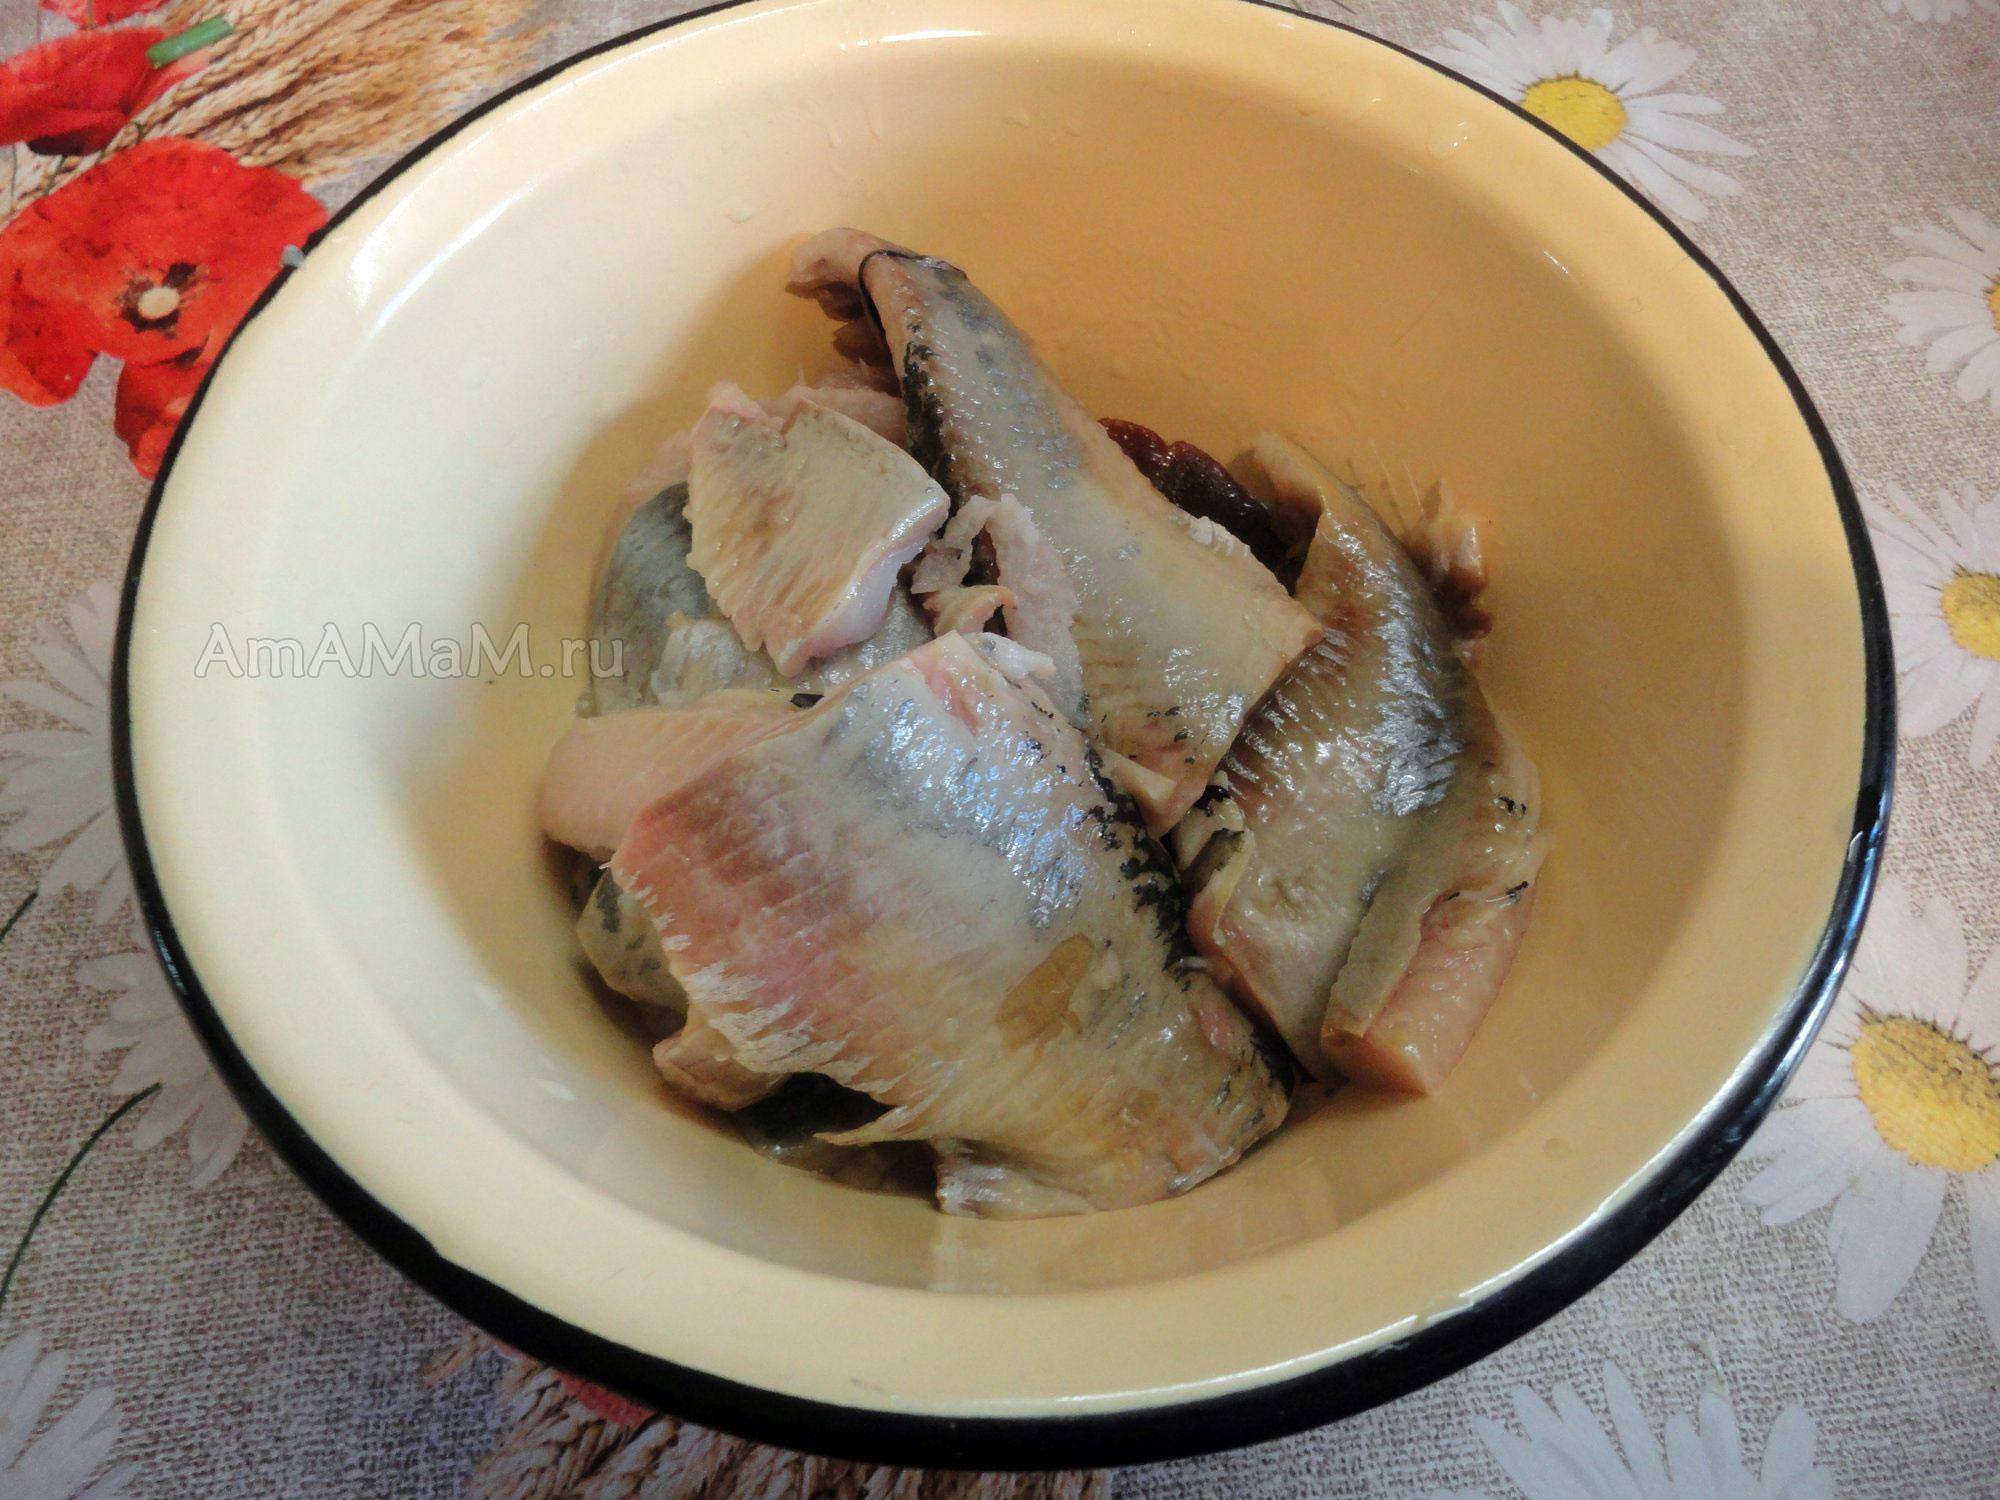 Как сделать суши в домашних условиях: рецепты пошагово с фото 20